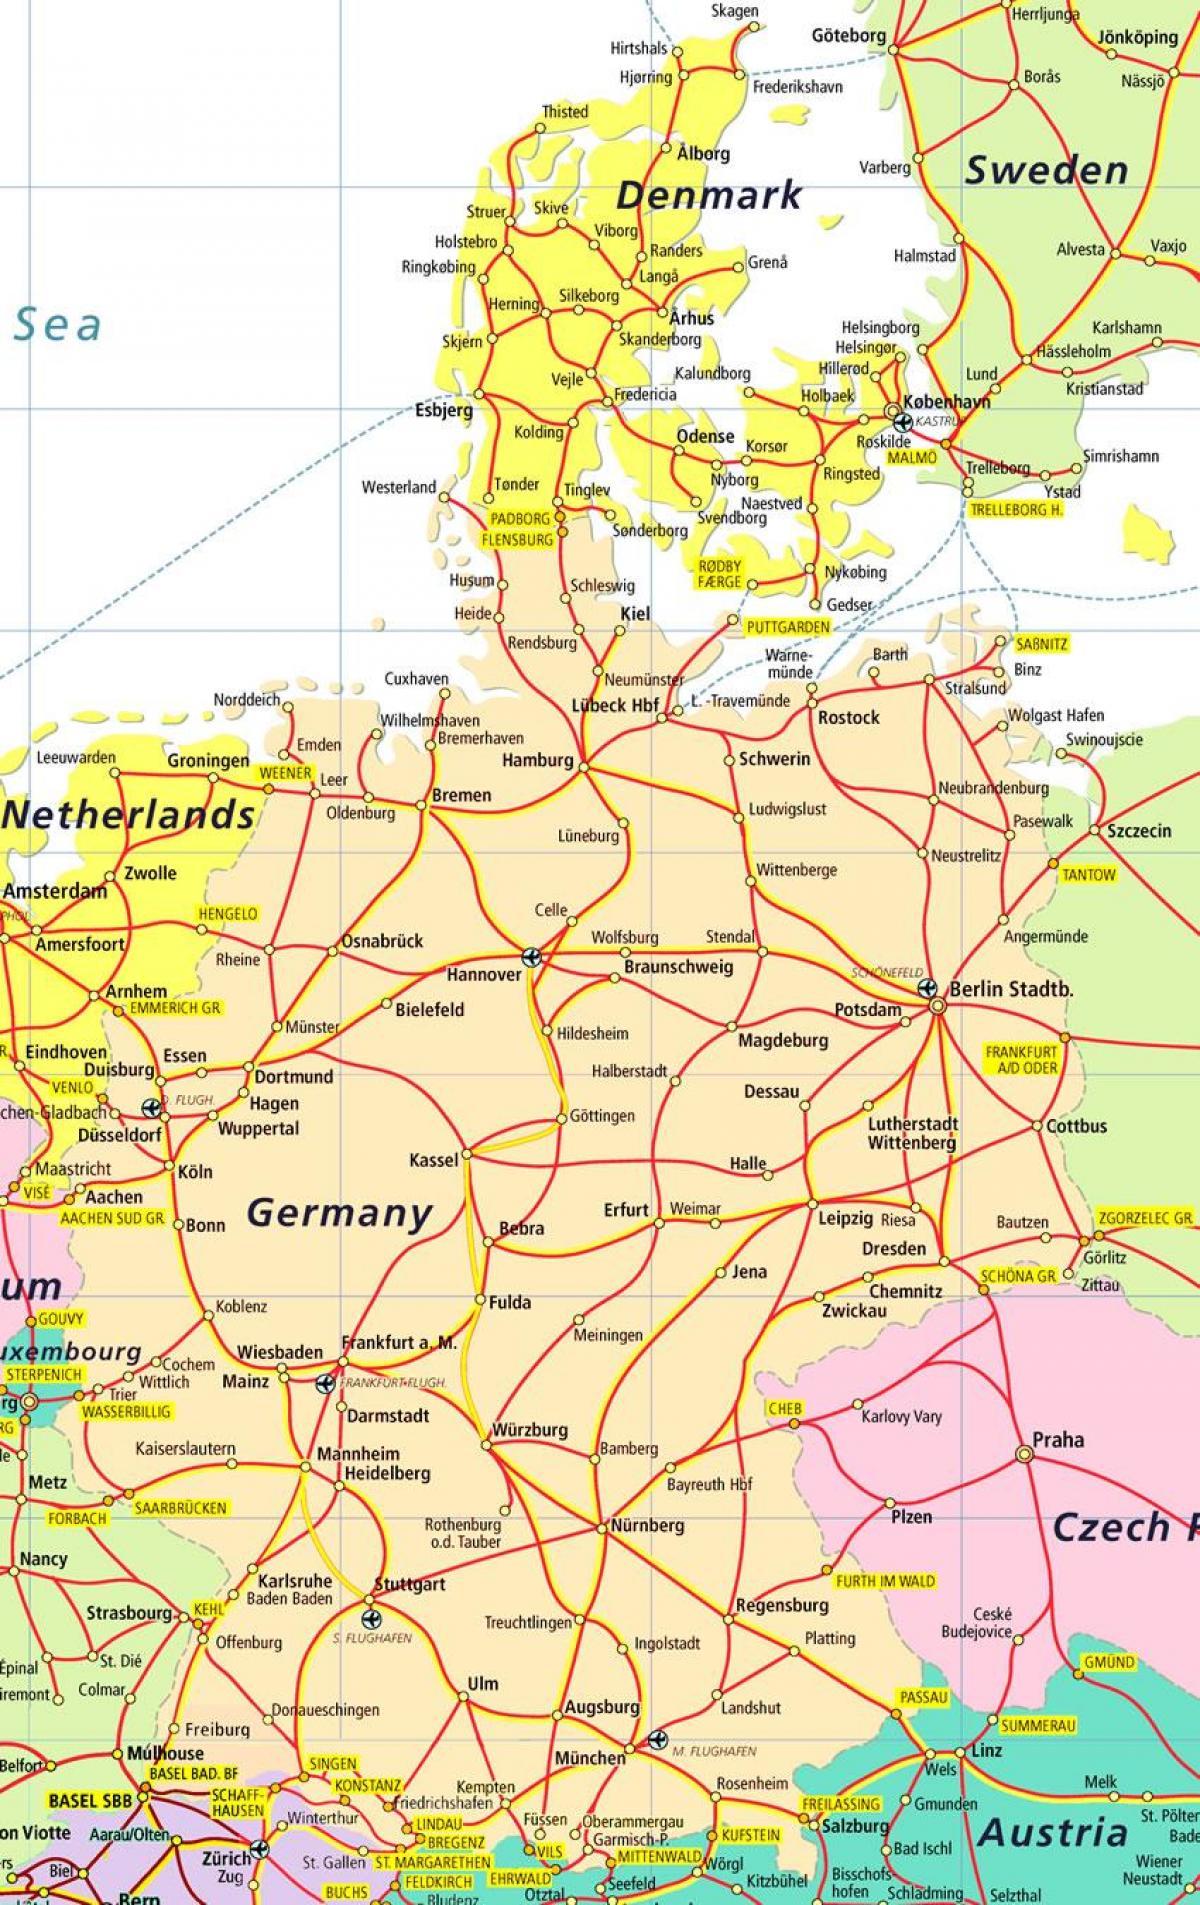 Danemark Attraktionen Anzeigen Danemark Sehenswurdigkeiten Karte